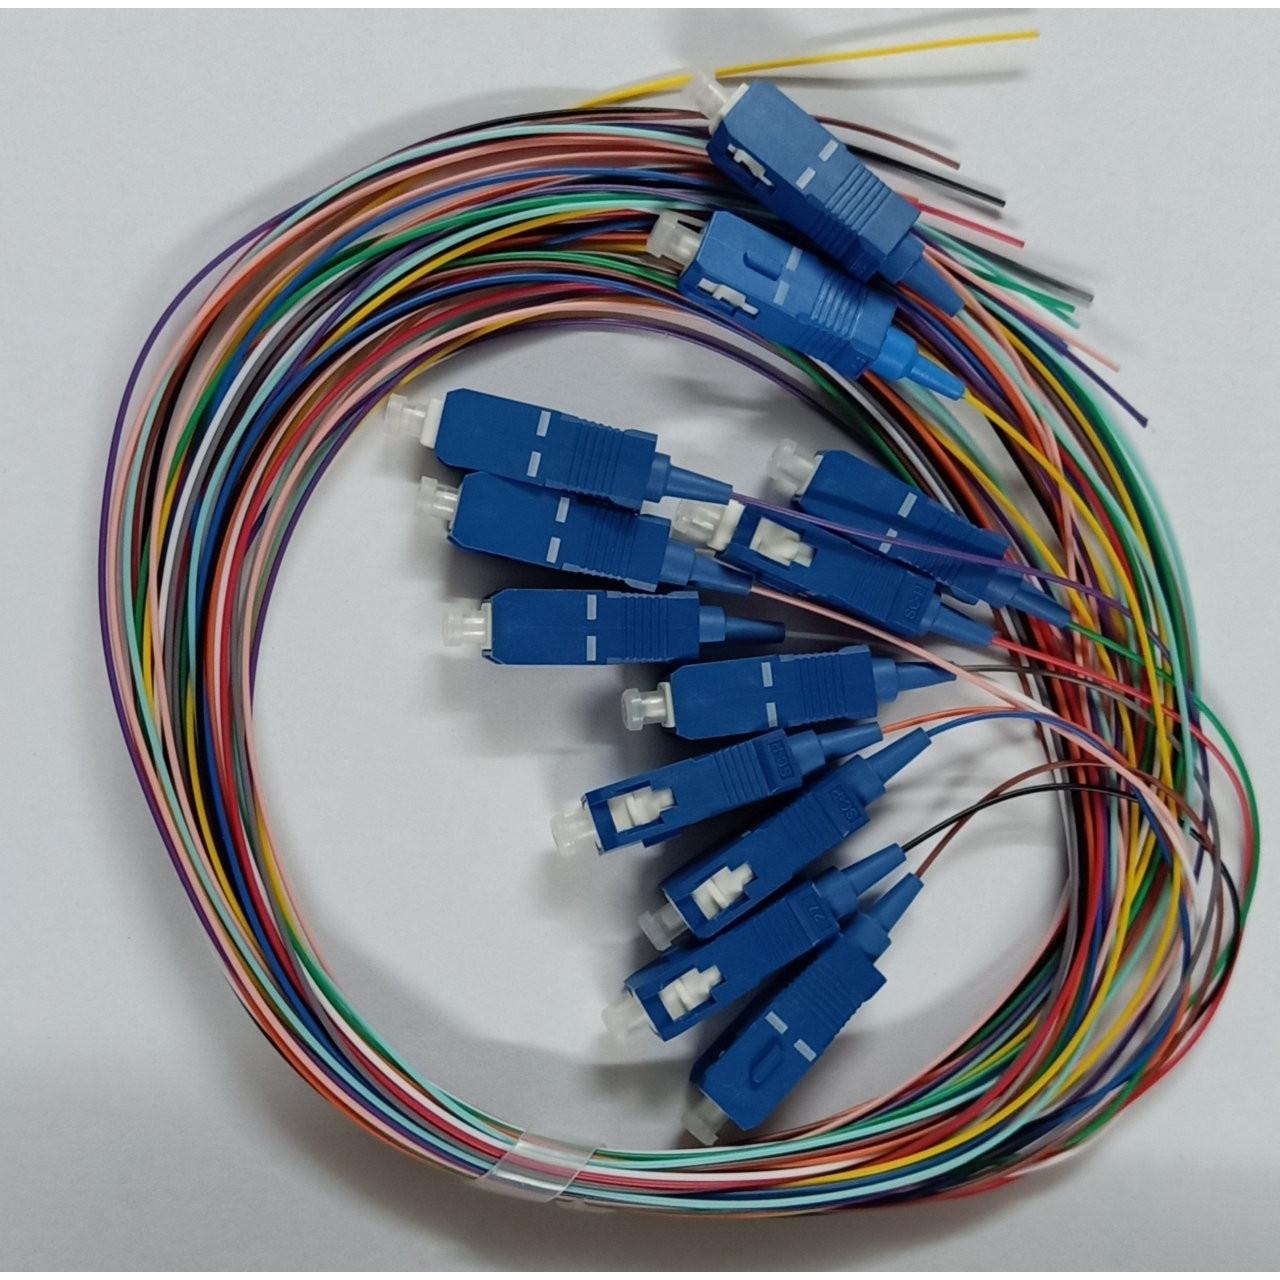 12 sợi - Dây hàn quang SC-UPC 0.9mm 1.5m - PIGTAIL